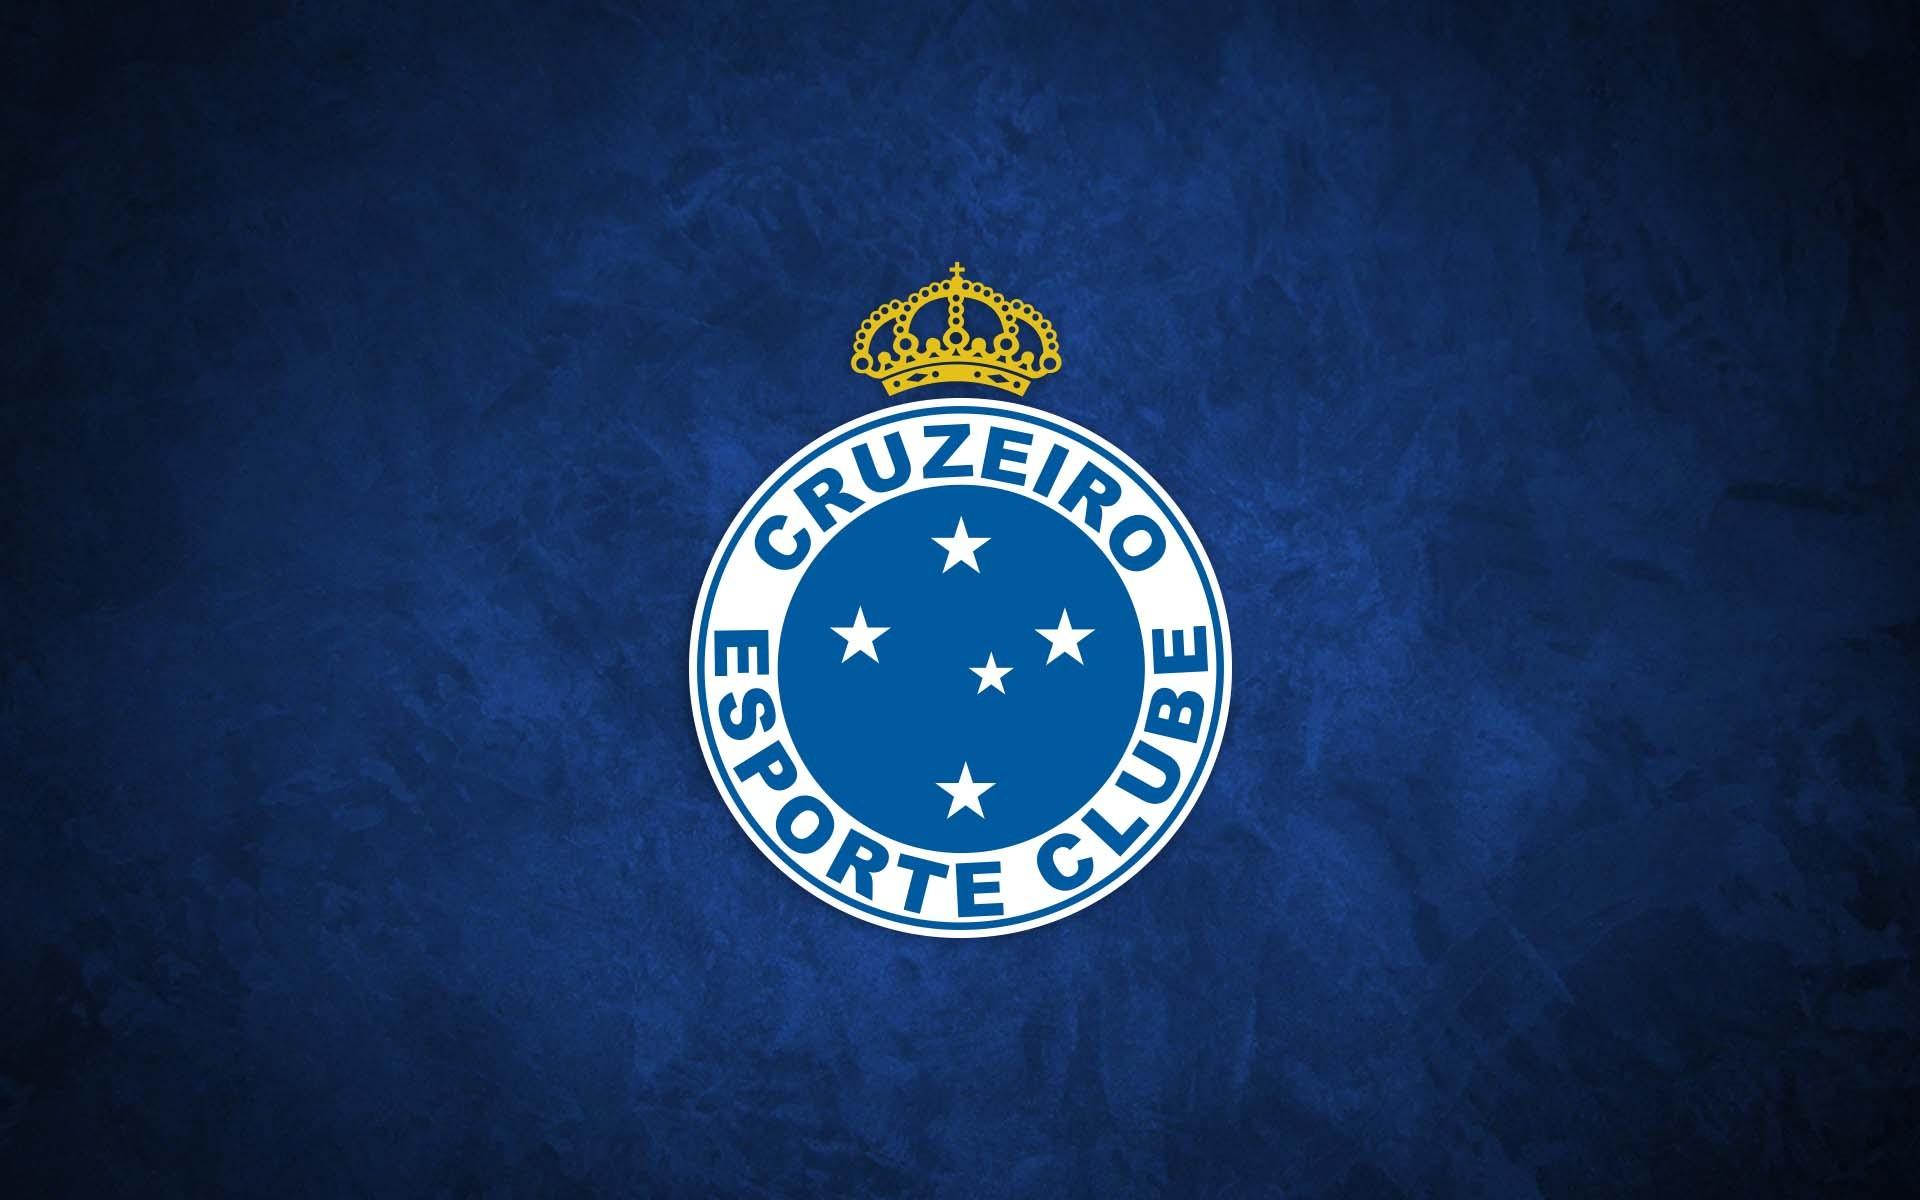 Sfondi Illustrazione Sfondo Blu Logo Cerchio Squadre Di Calcio